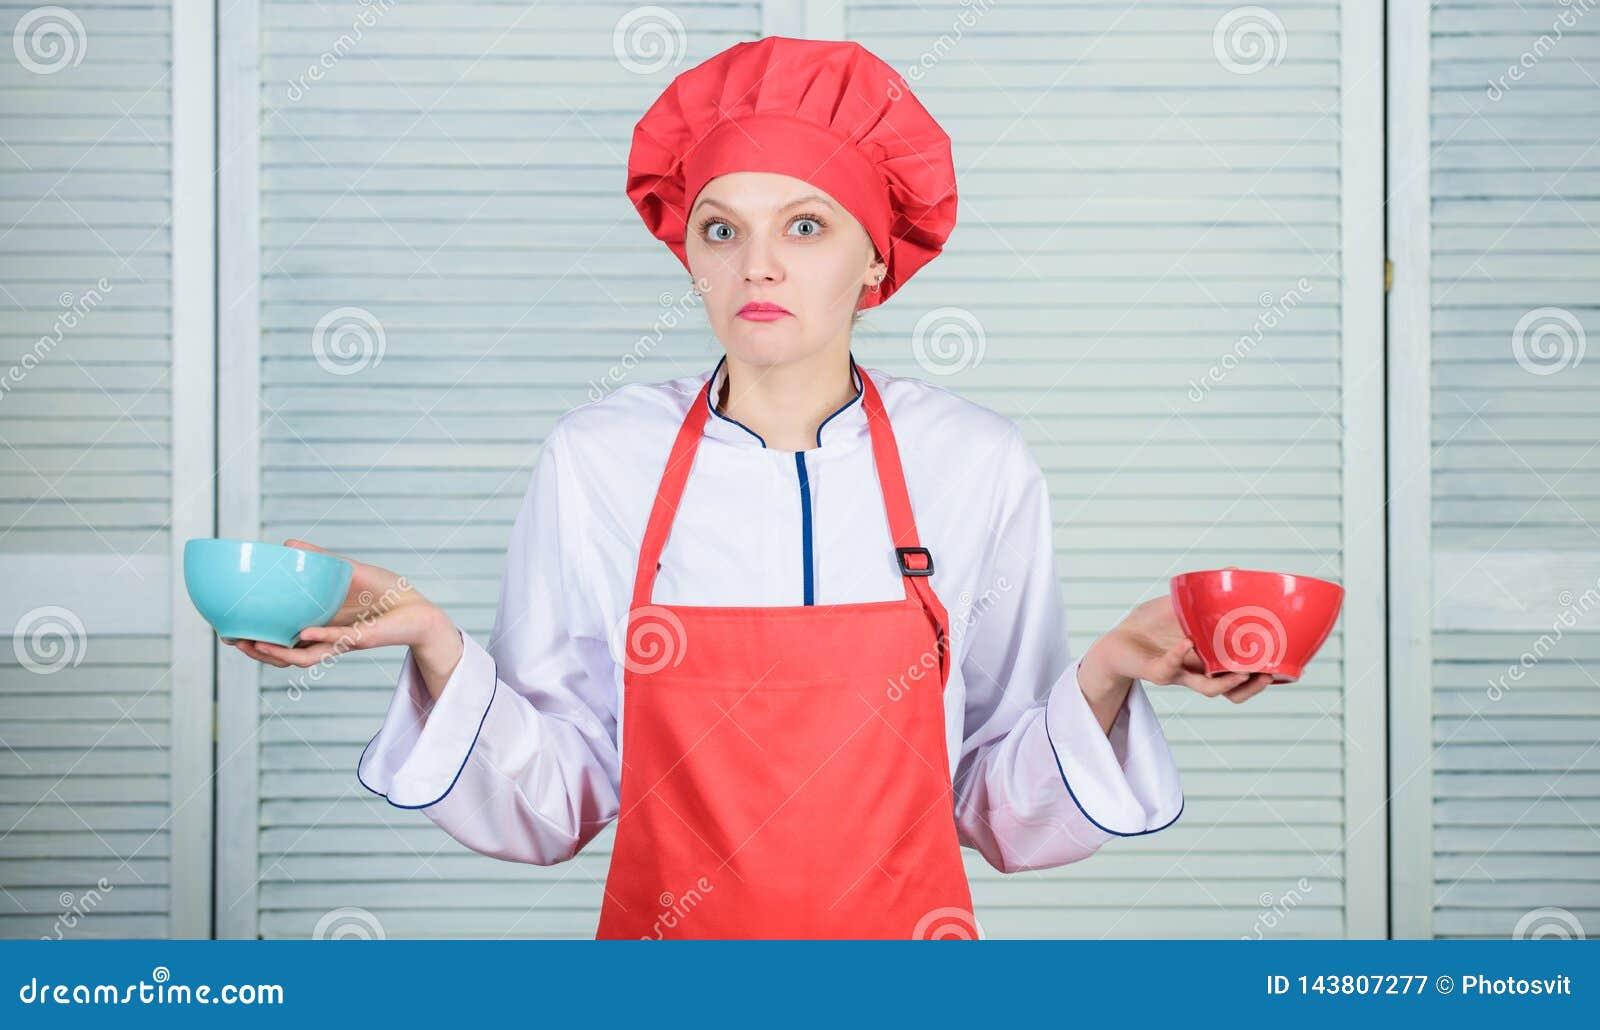 多少个部分您要不要吃 妇女厨师举行碗 计算数额卡路里您消耗 计算正常